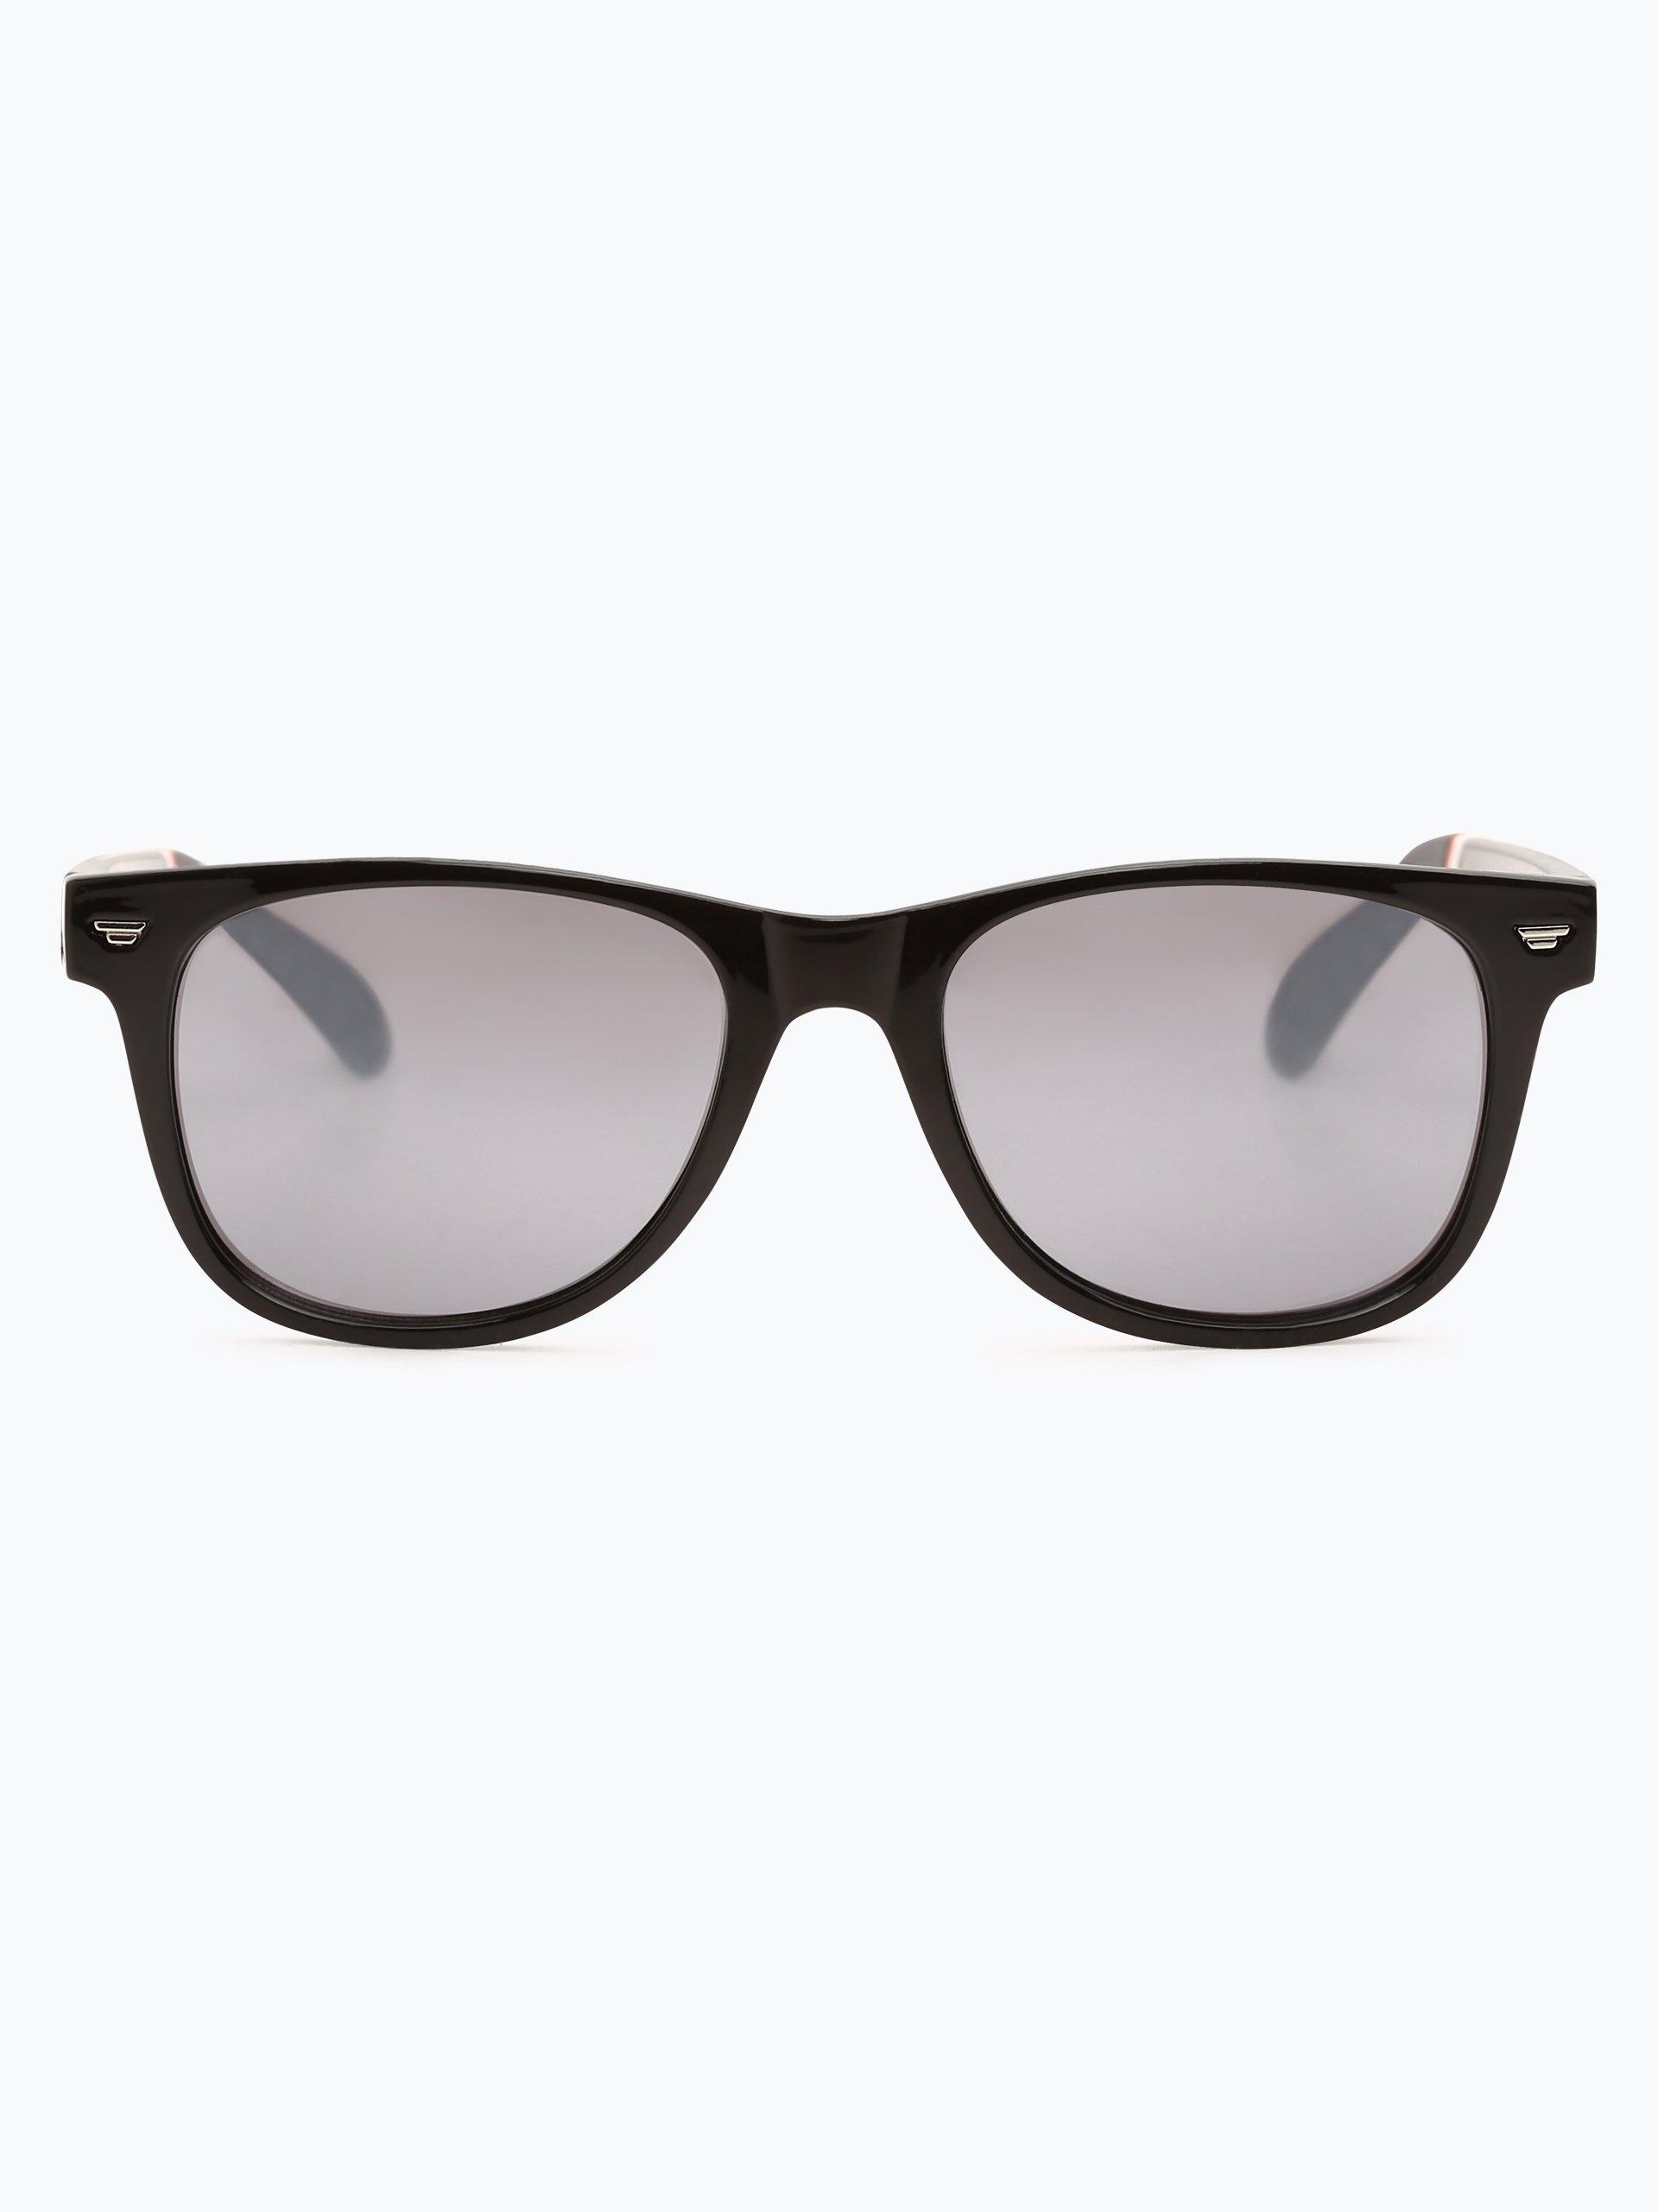 superdry sonnenbrille sdr superfarer schwarz uni online. Black Bedroom Furniture Sets. Home Design Ideas